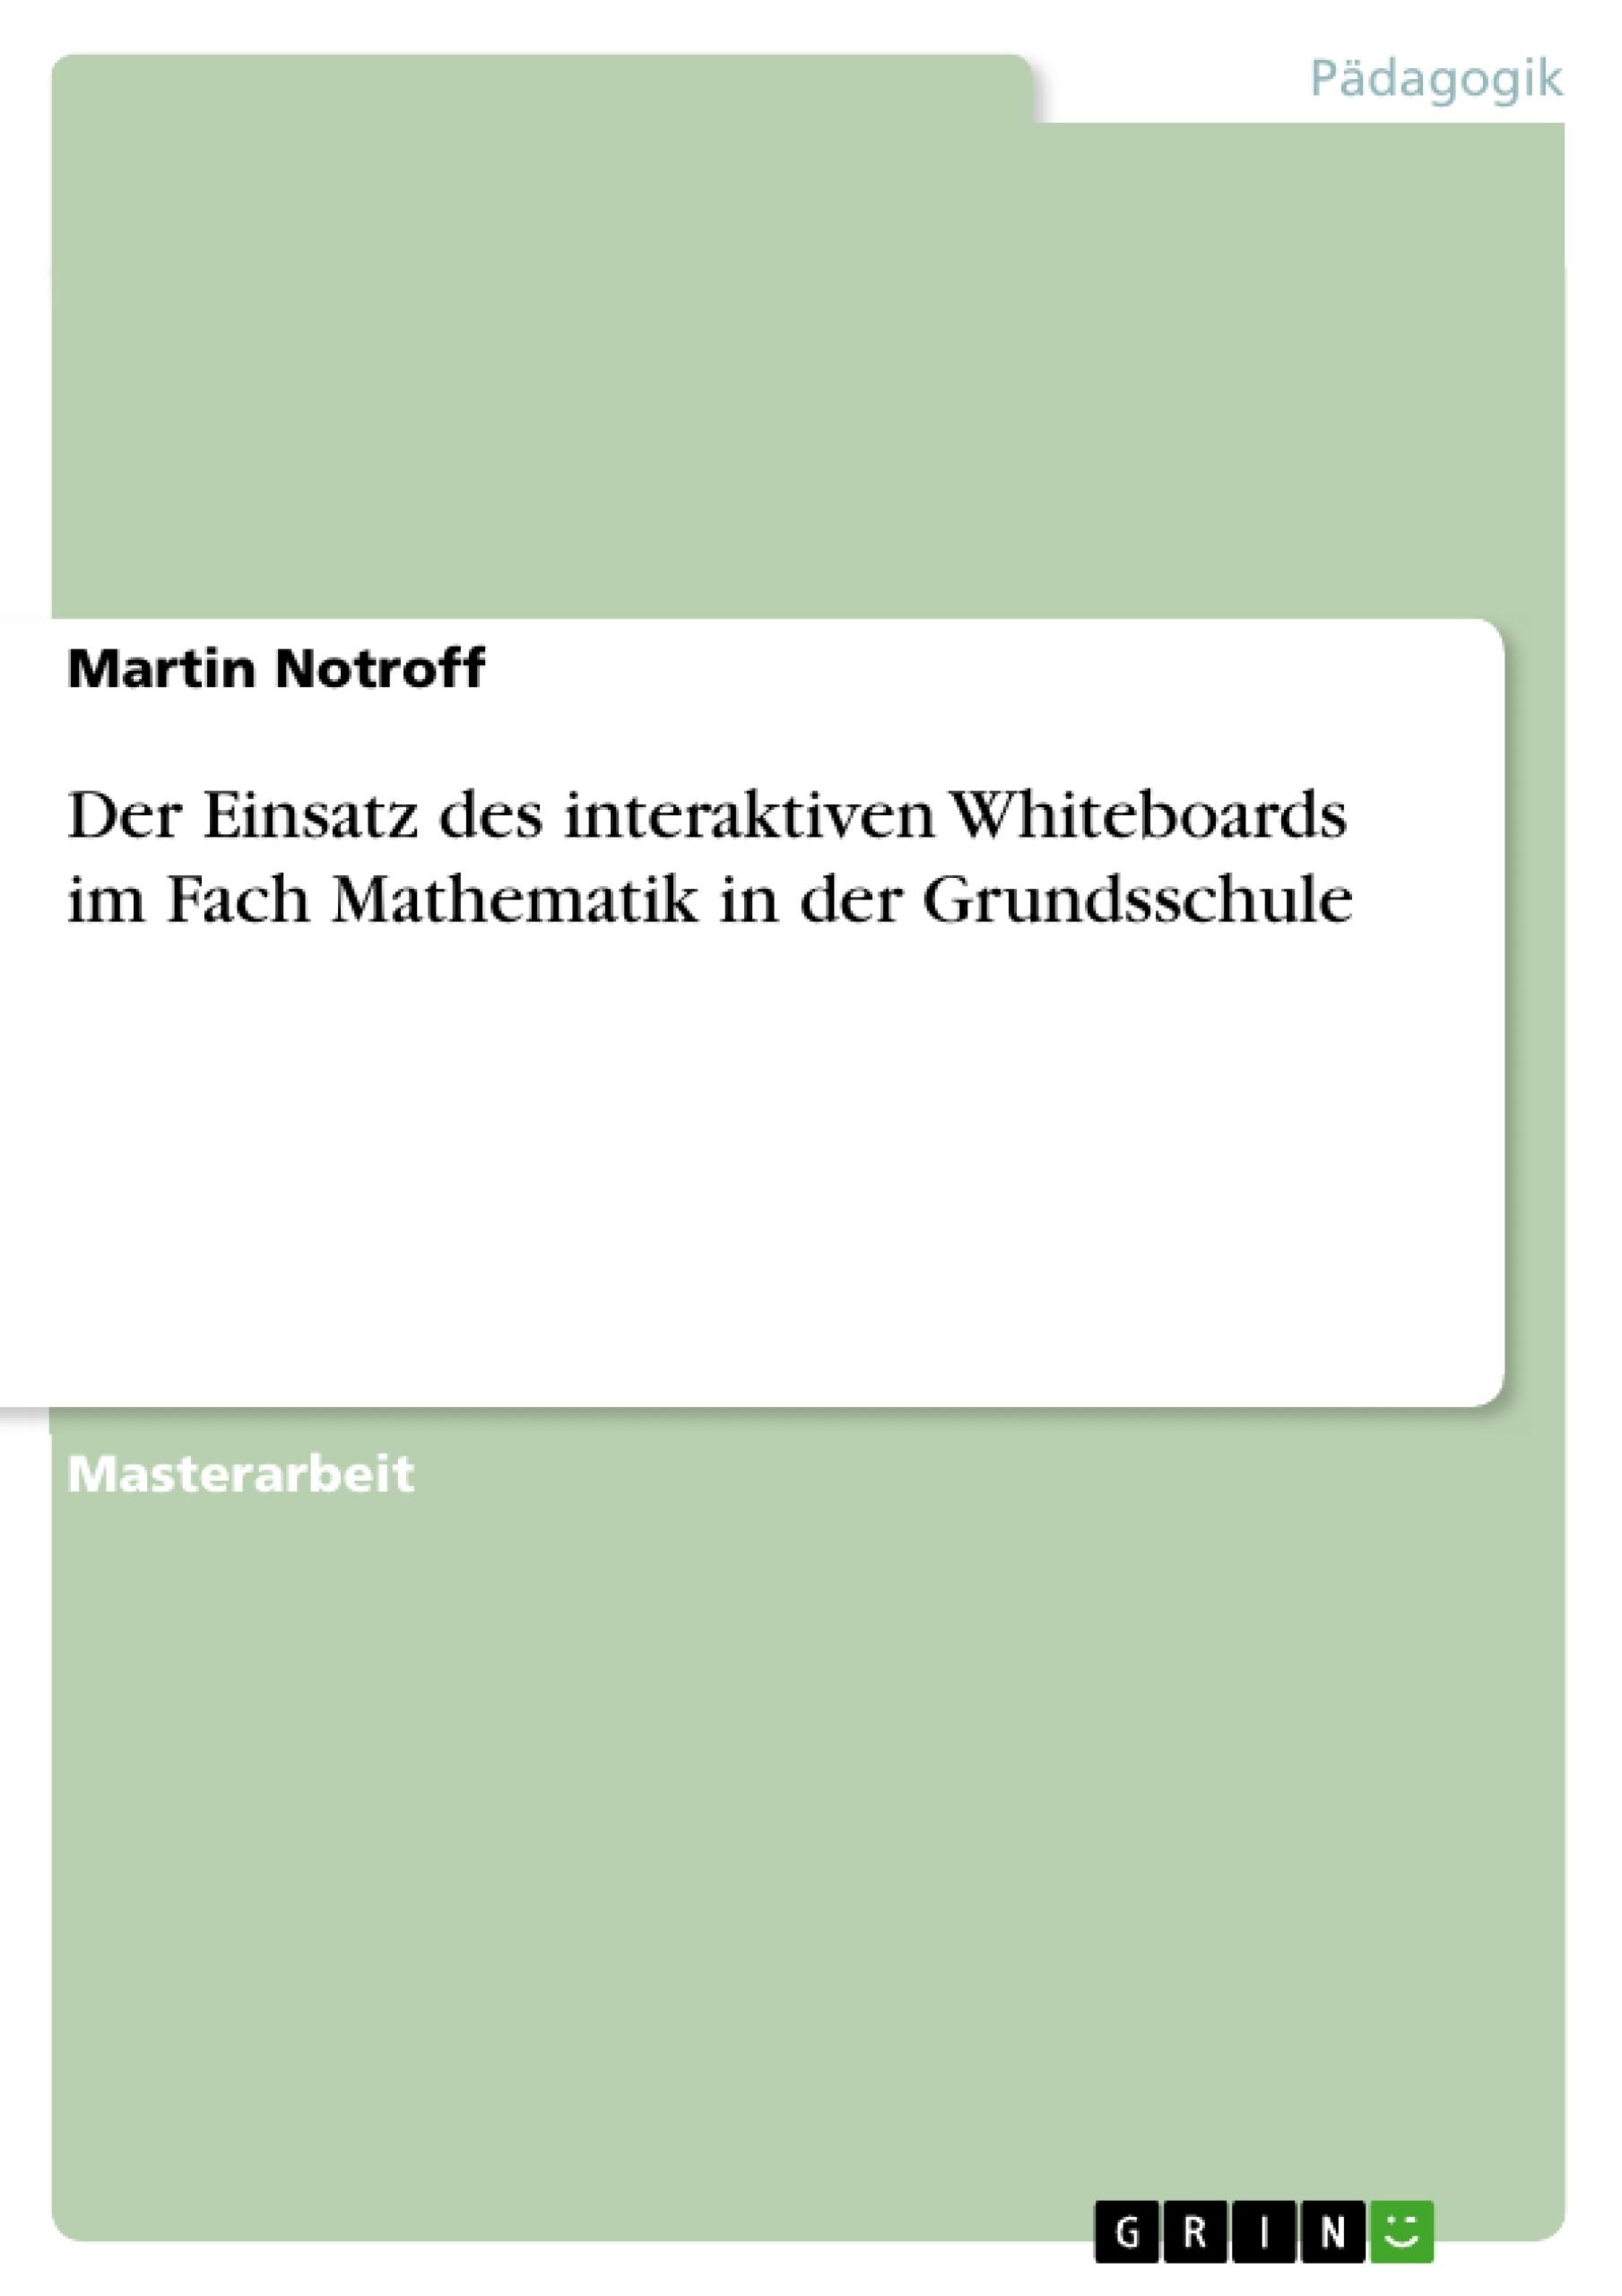 Der Einsatz des interaktiven Whiteboards im Fach Mathematik in der ...